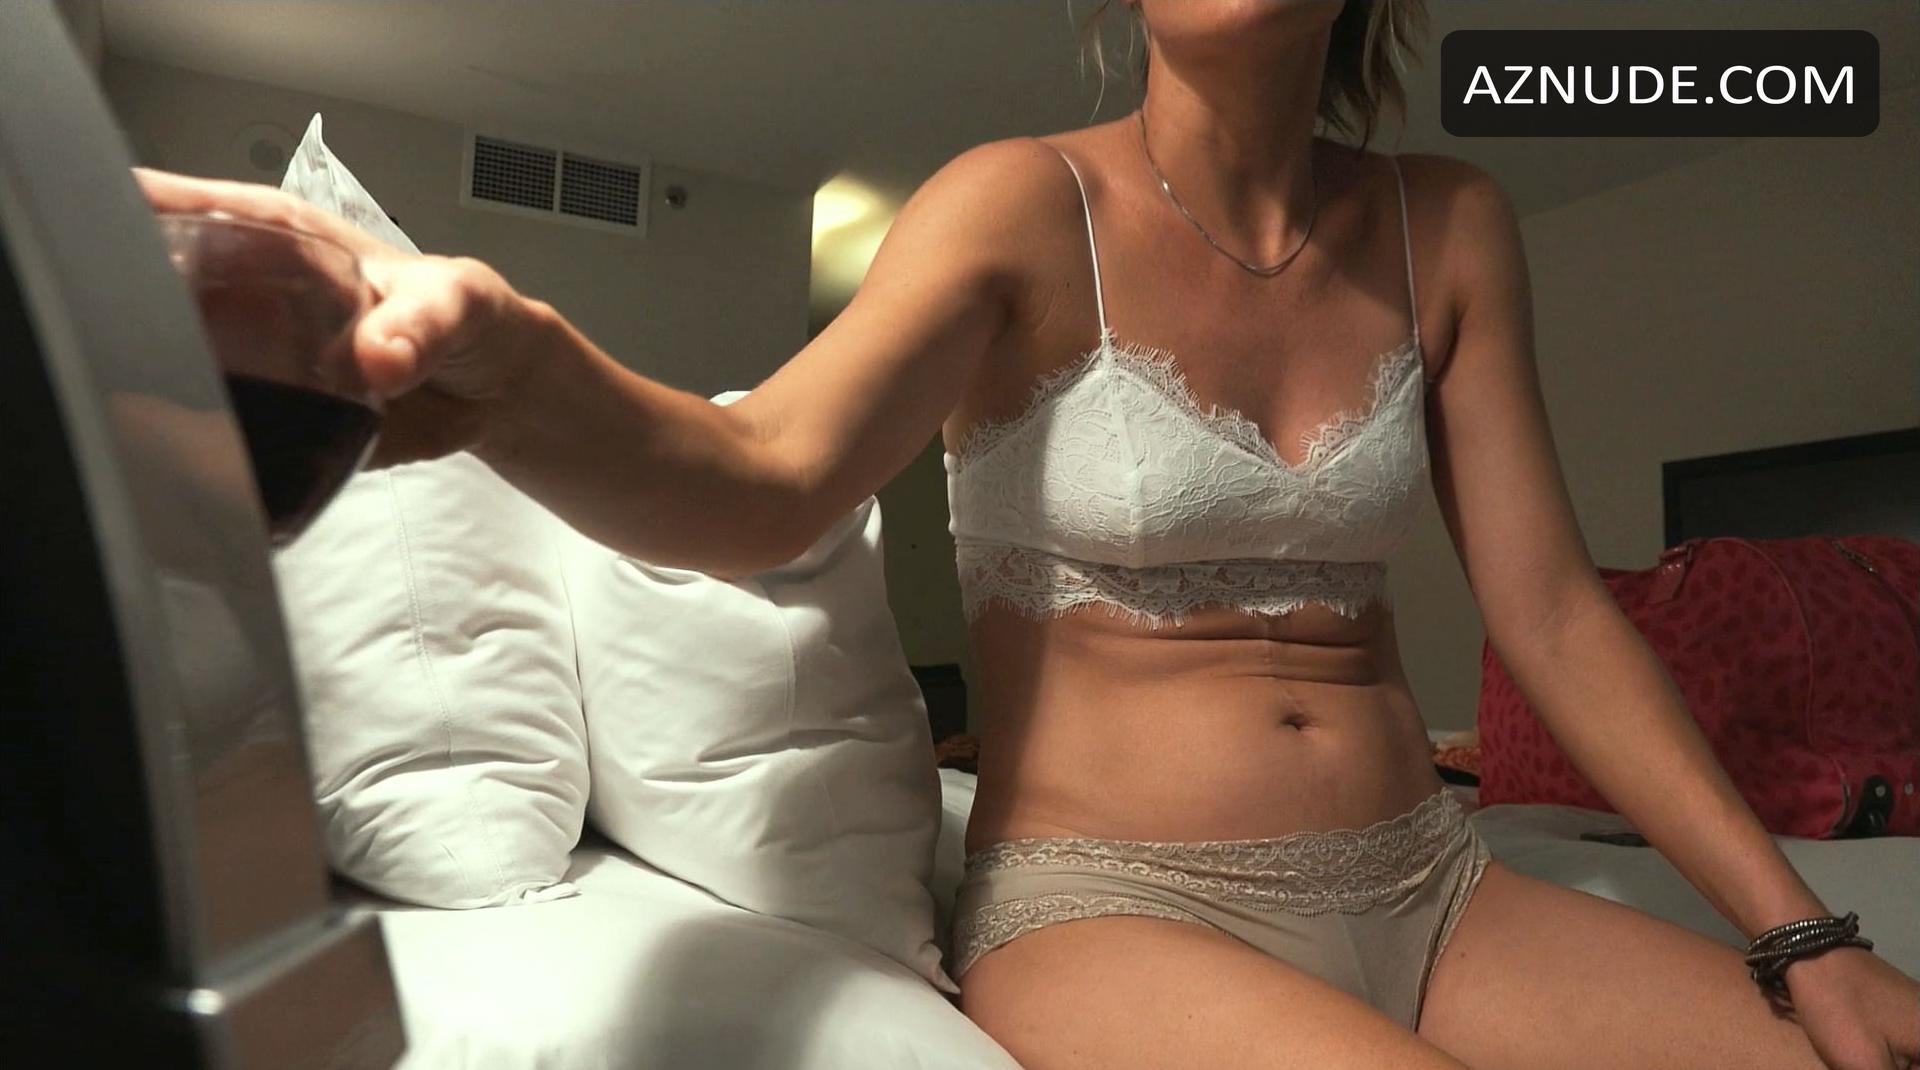 missi pyle nude pics